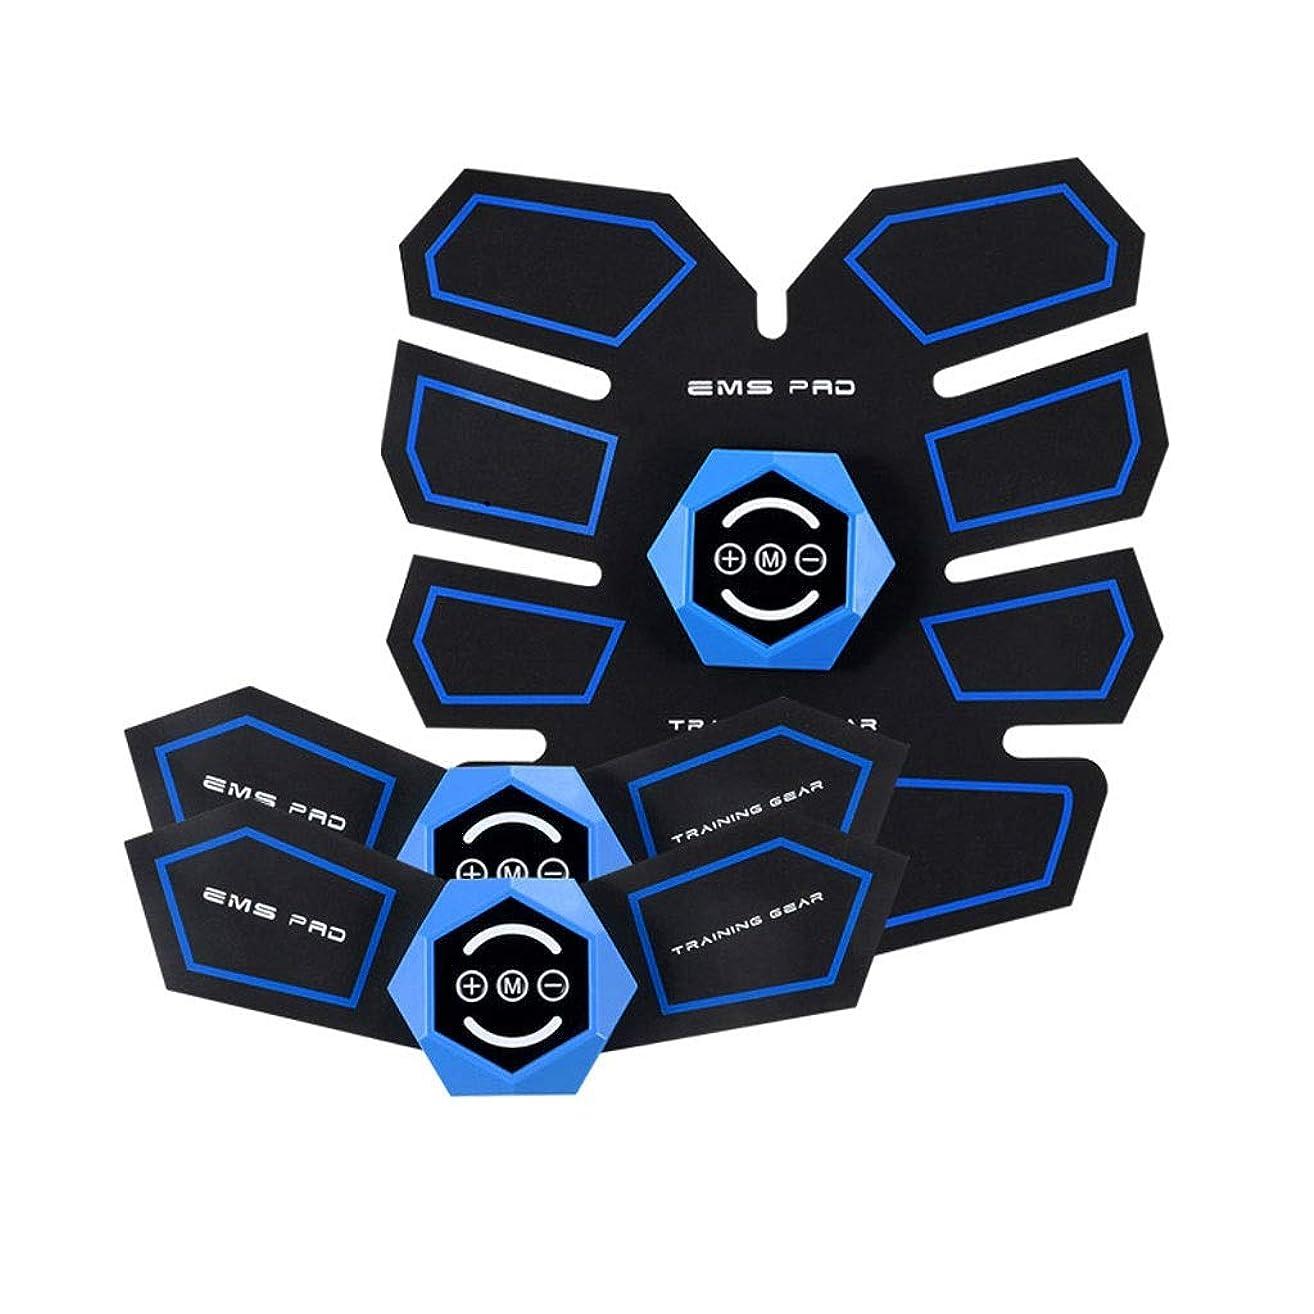 コントロールドキュメンタリー効率的にABSトレーナーEMS腹部電気マッスルスティミュレーター筋肉トナー調色ベルトフィットネストレーニングギアABSエクササイズマシンウエストトレーナーホームワークアウトフィットネス (Size : A)